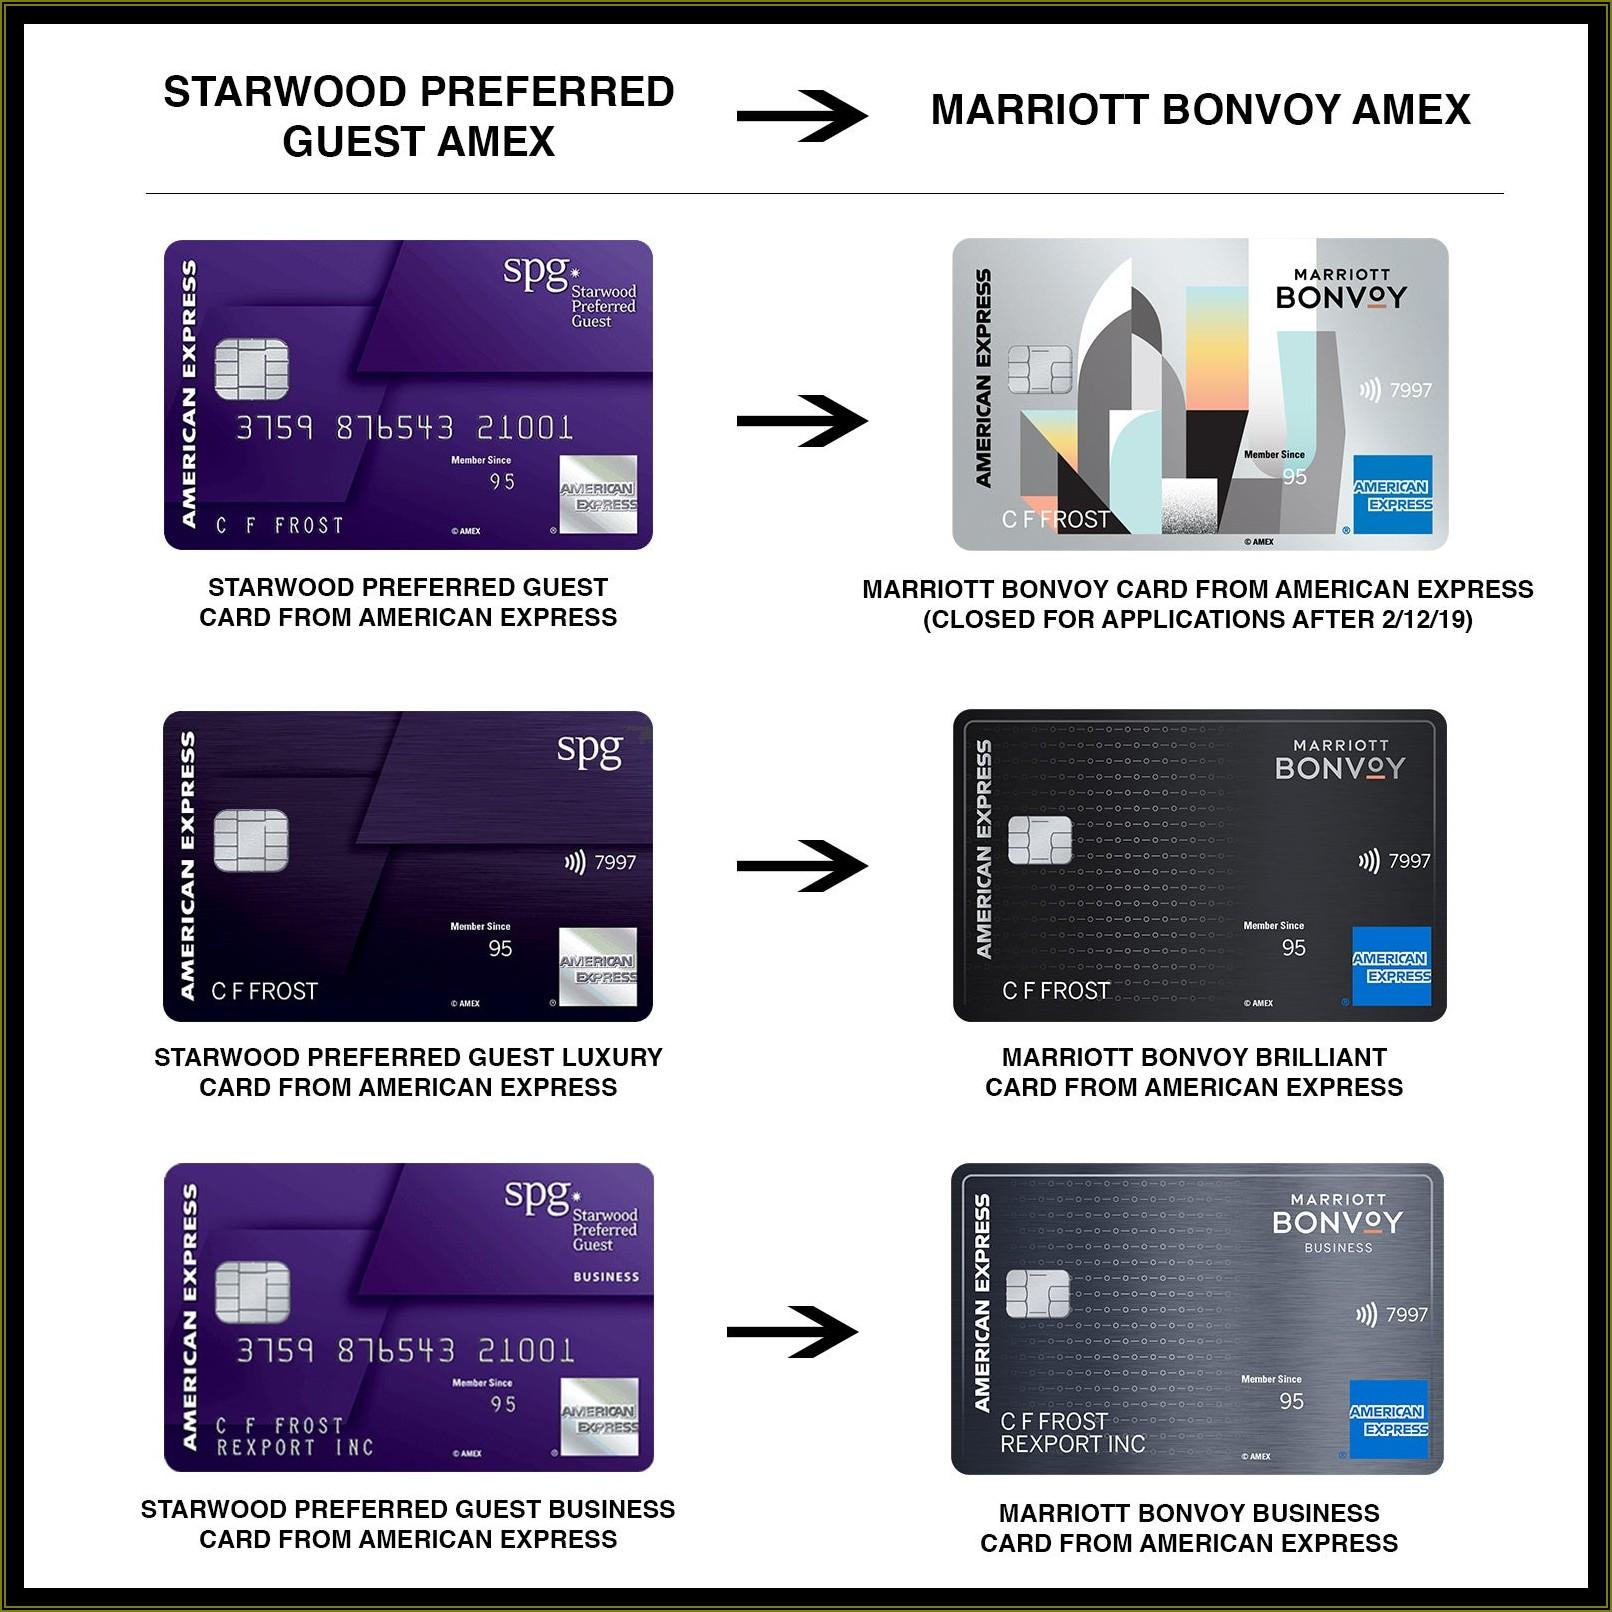 Marriott Business Card Benefits